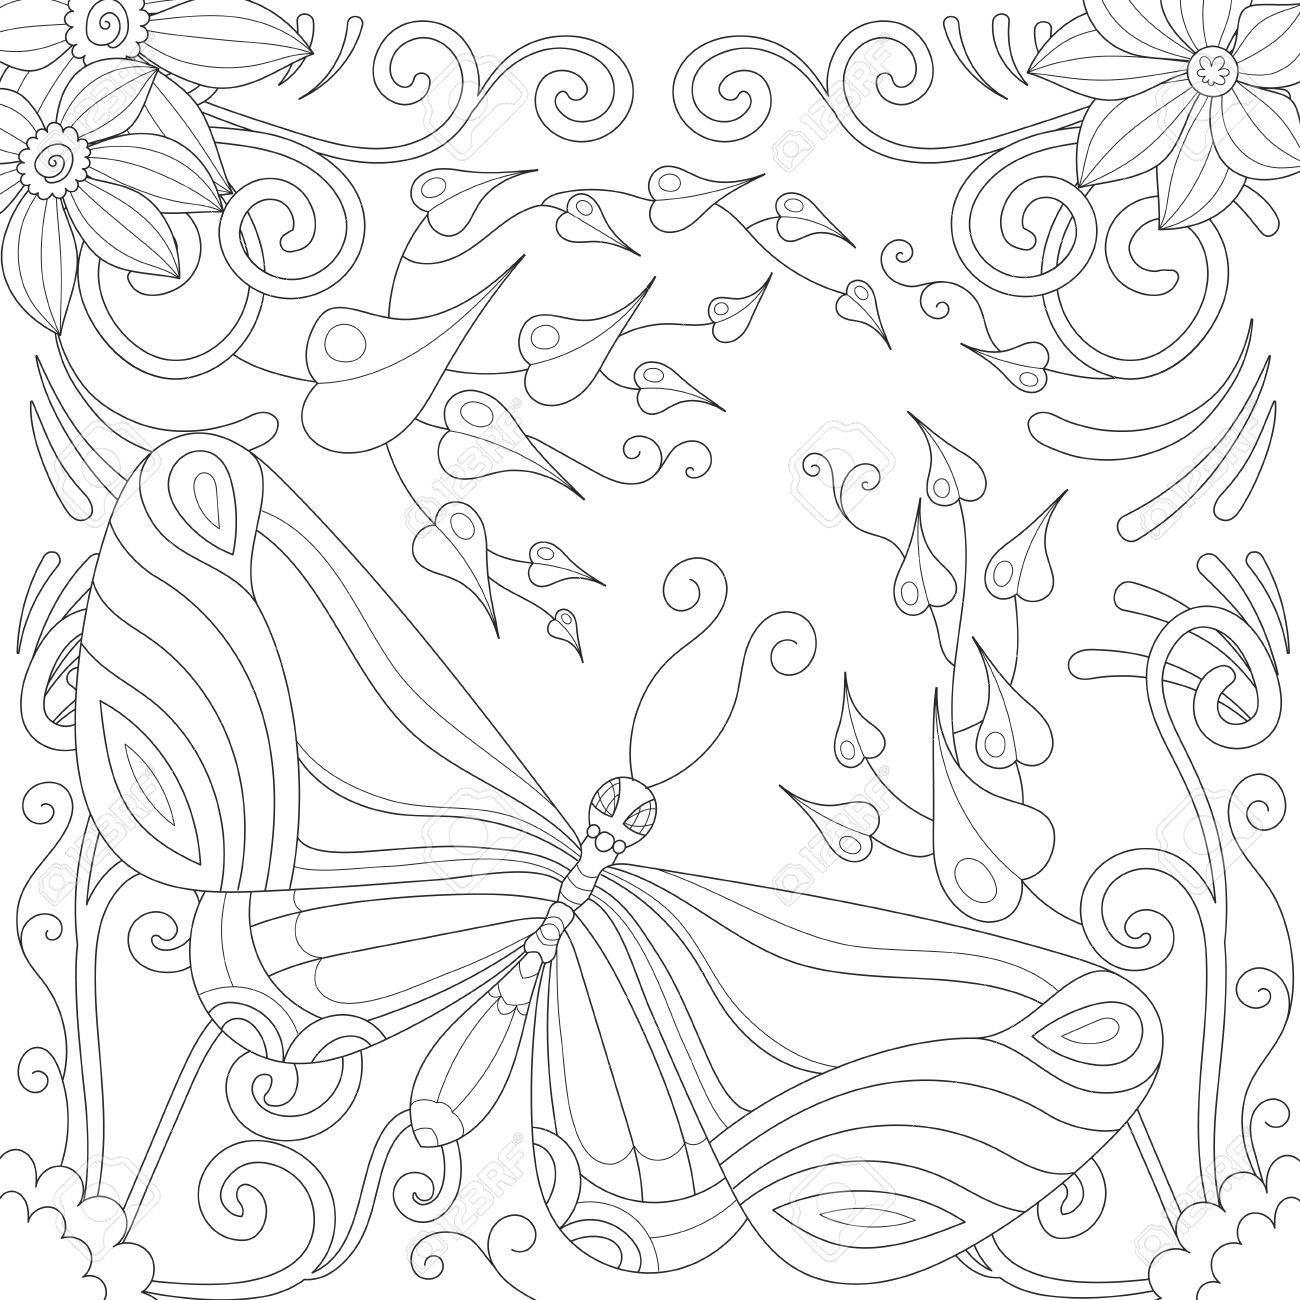 Lujoso Mariposas Para Colorear Libros Bandera - Dibujos Para ...